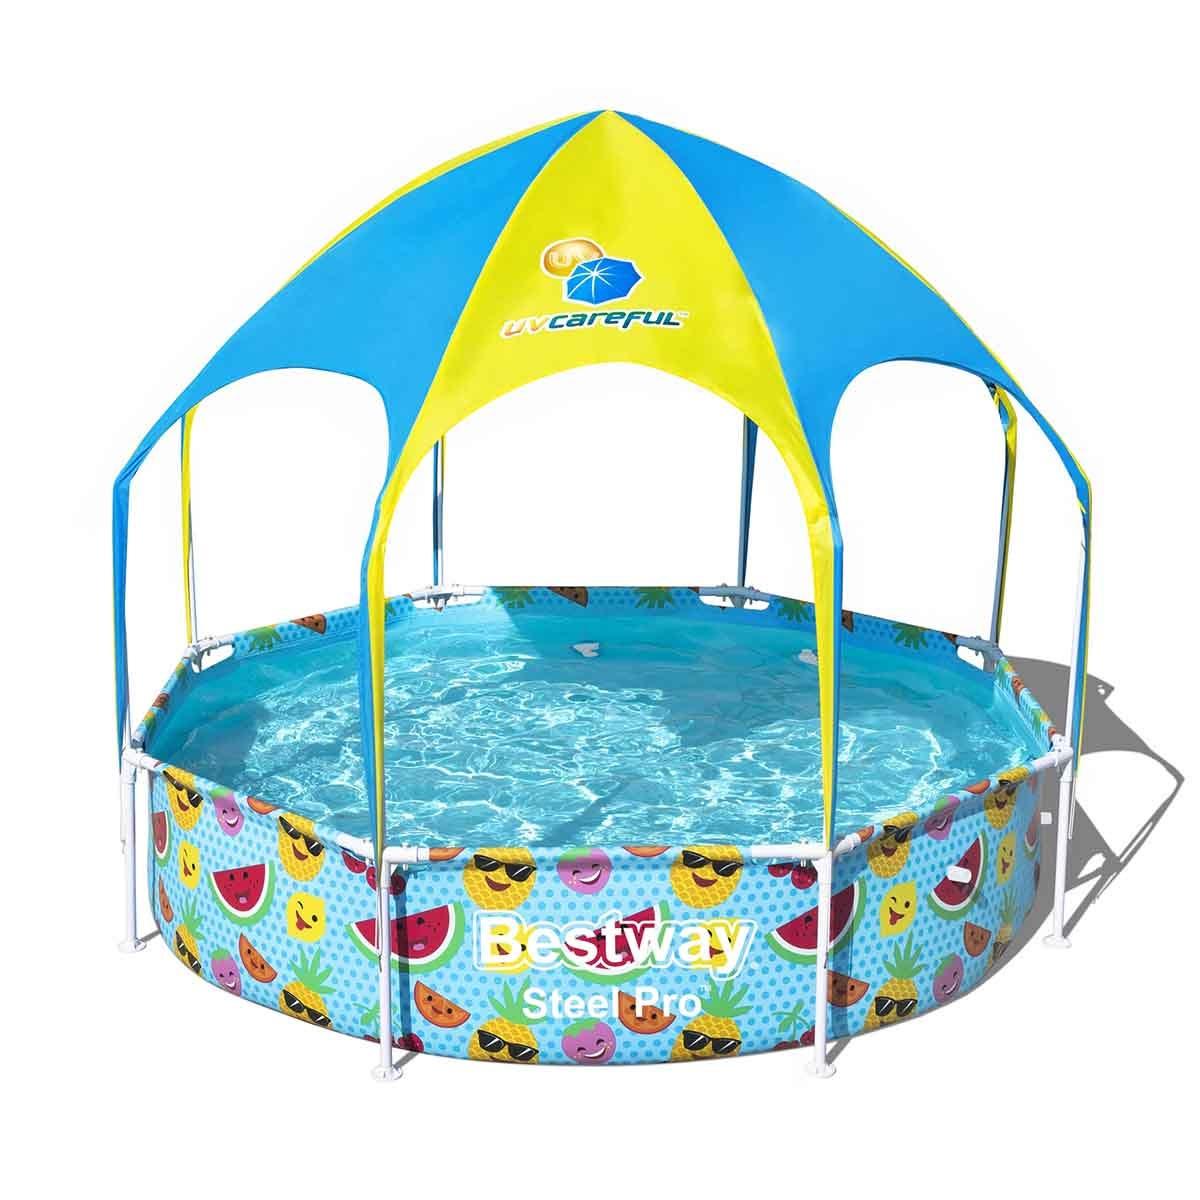 Bestway Splash-In-Shade Paddling Pool